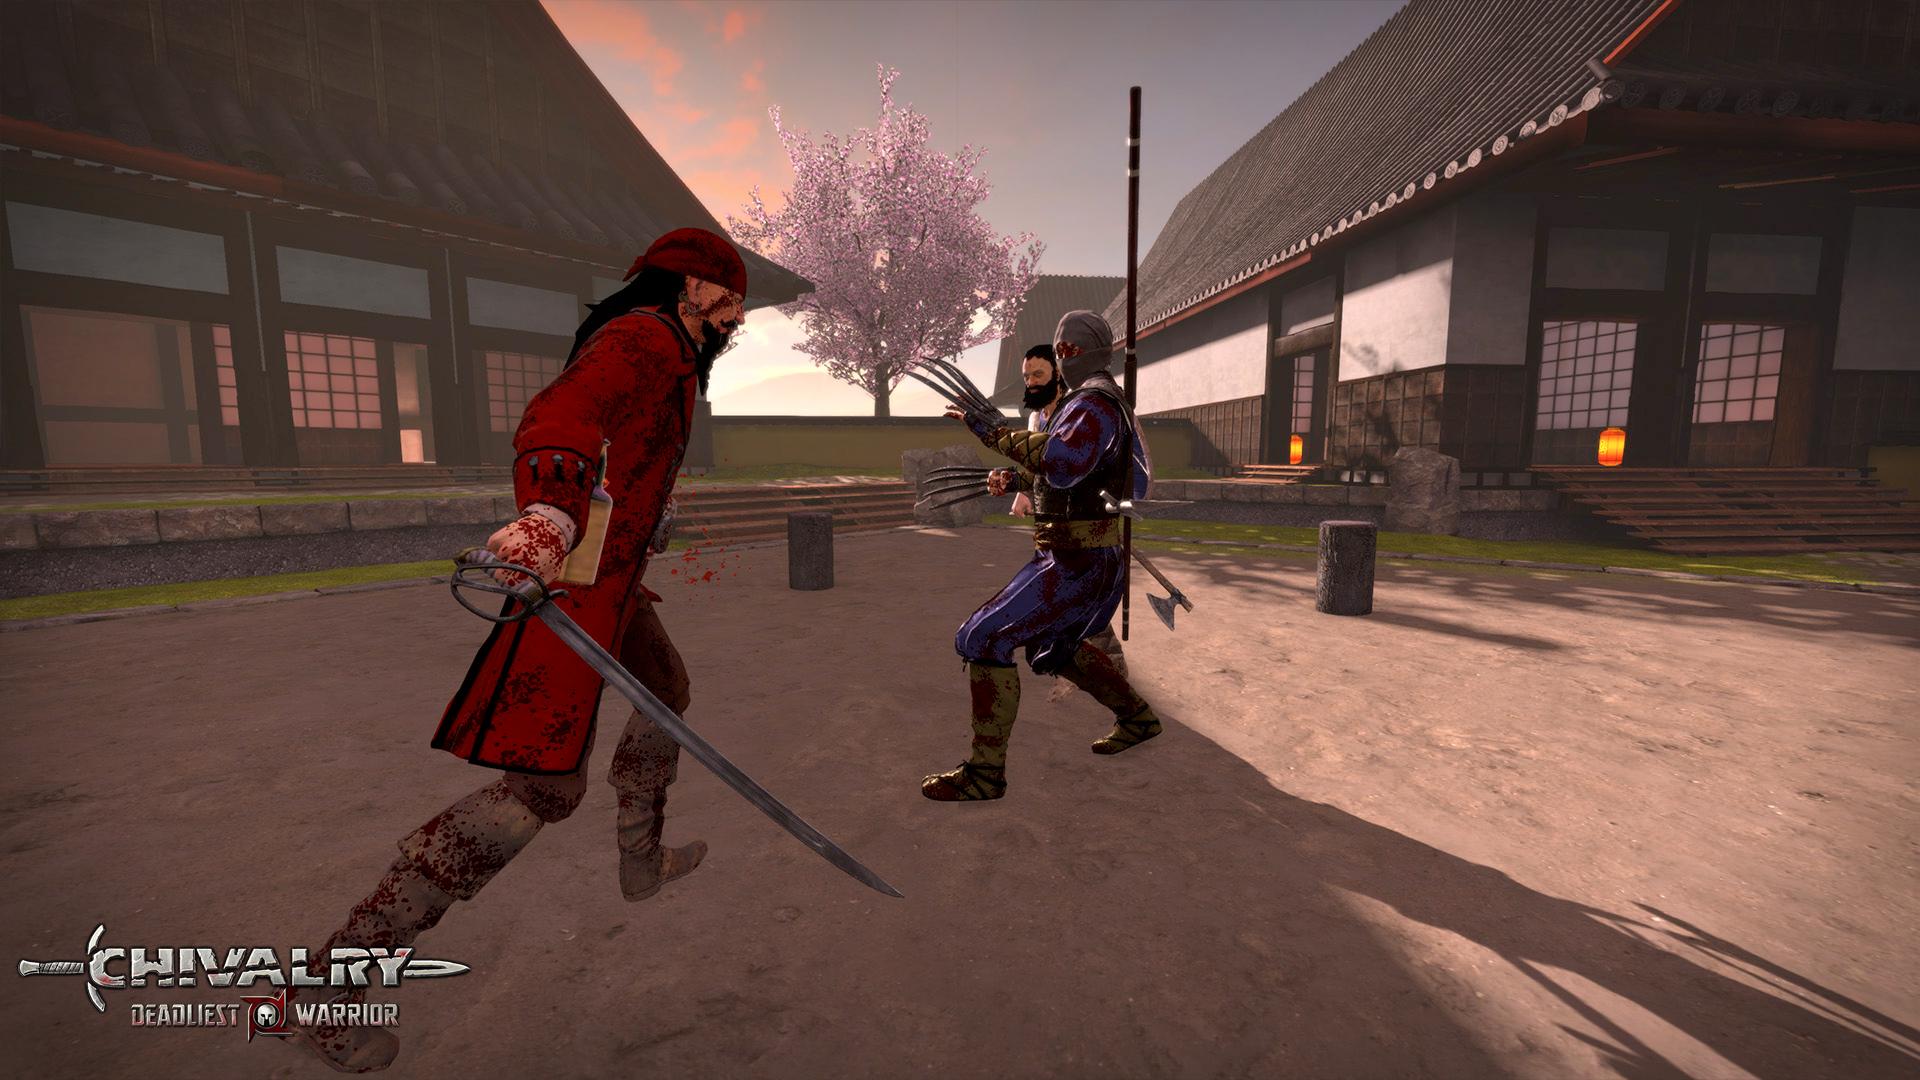 Chivalry: Deadliest Warrior screenshot